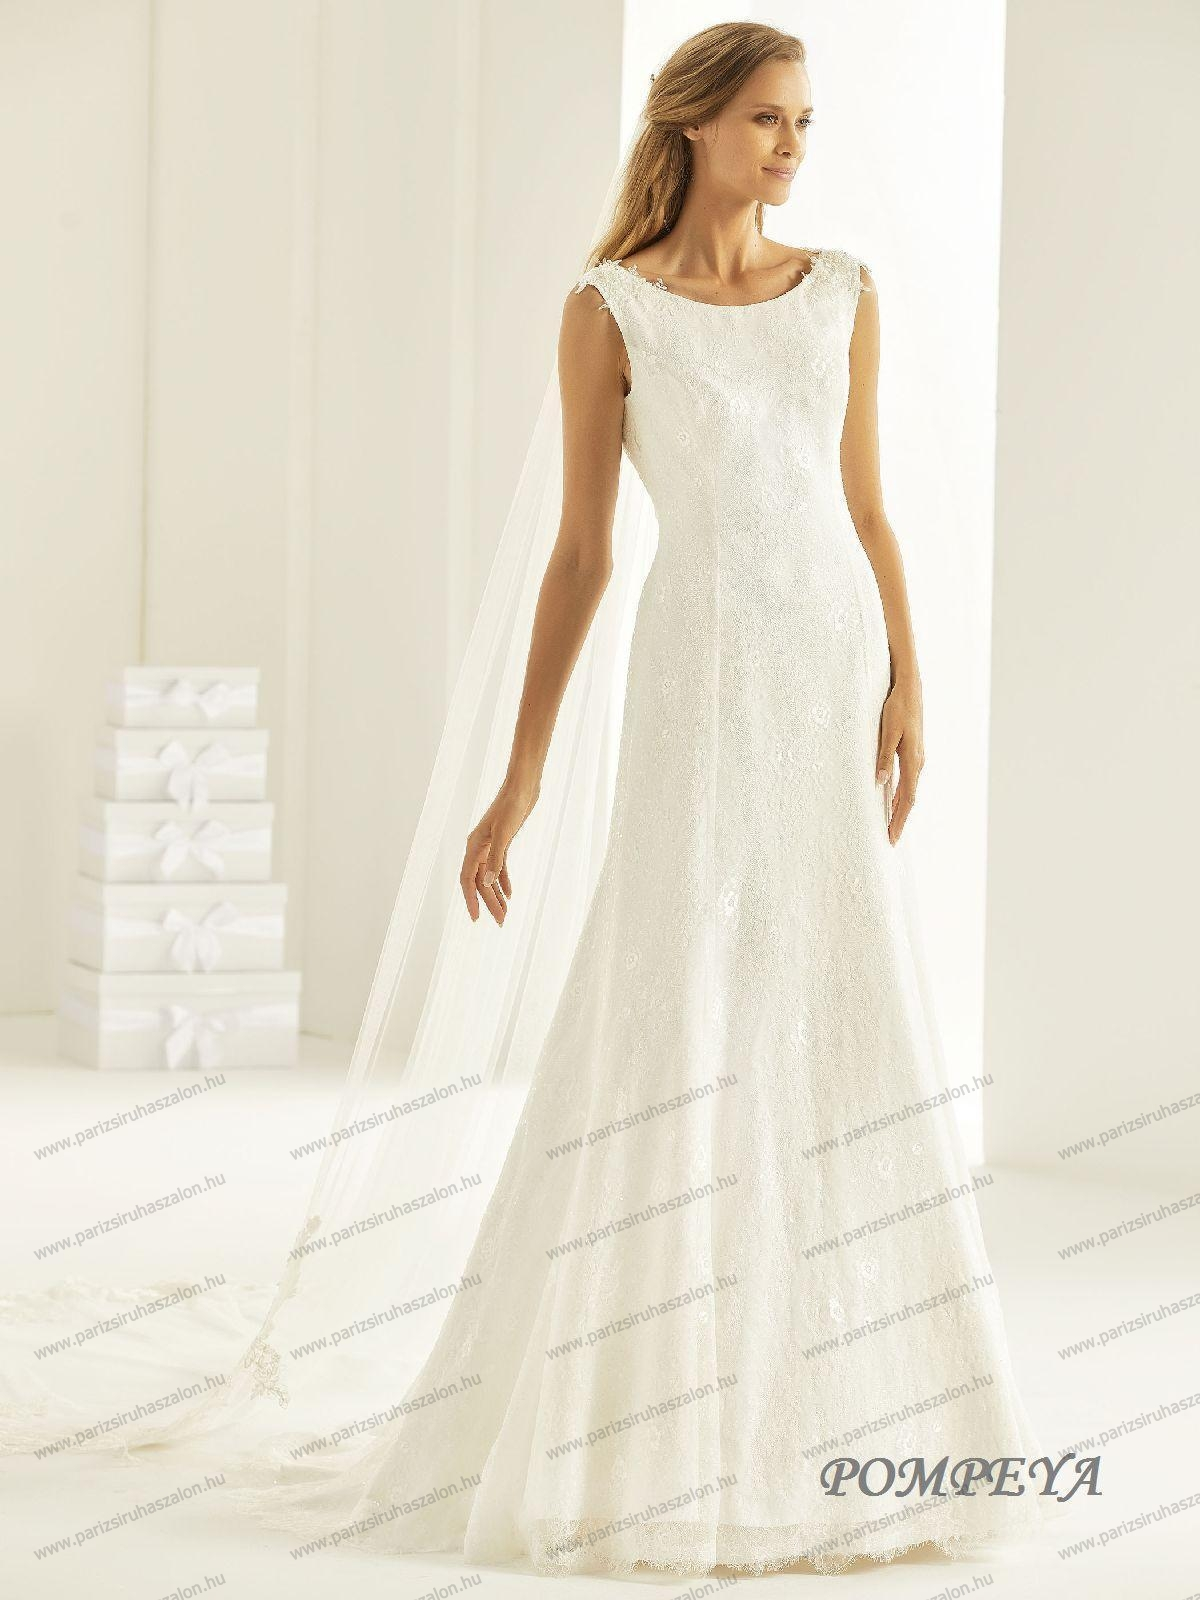 POMPEYA menyasszonyi ruha  816e06420b